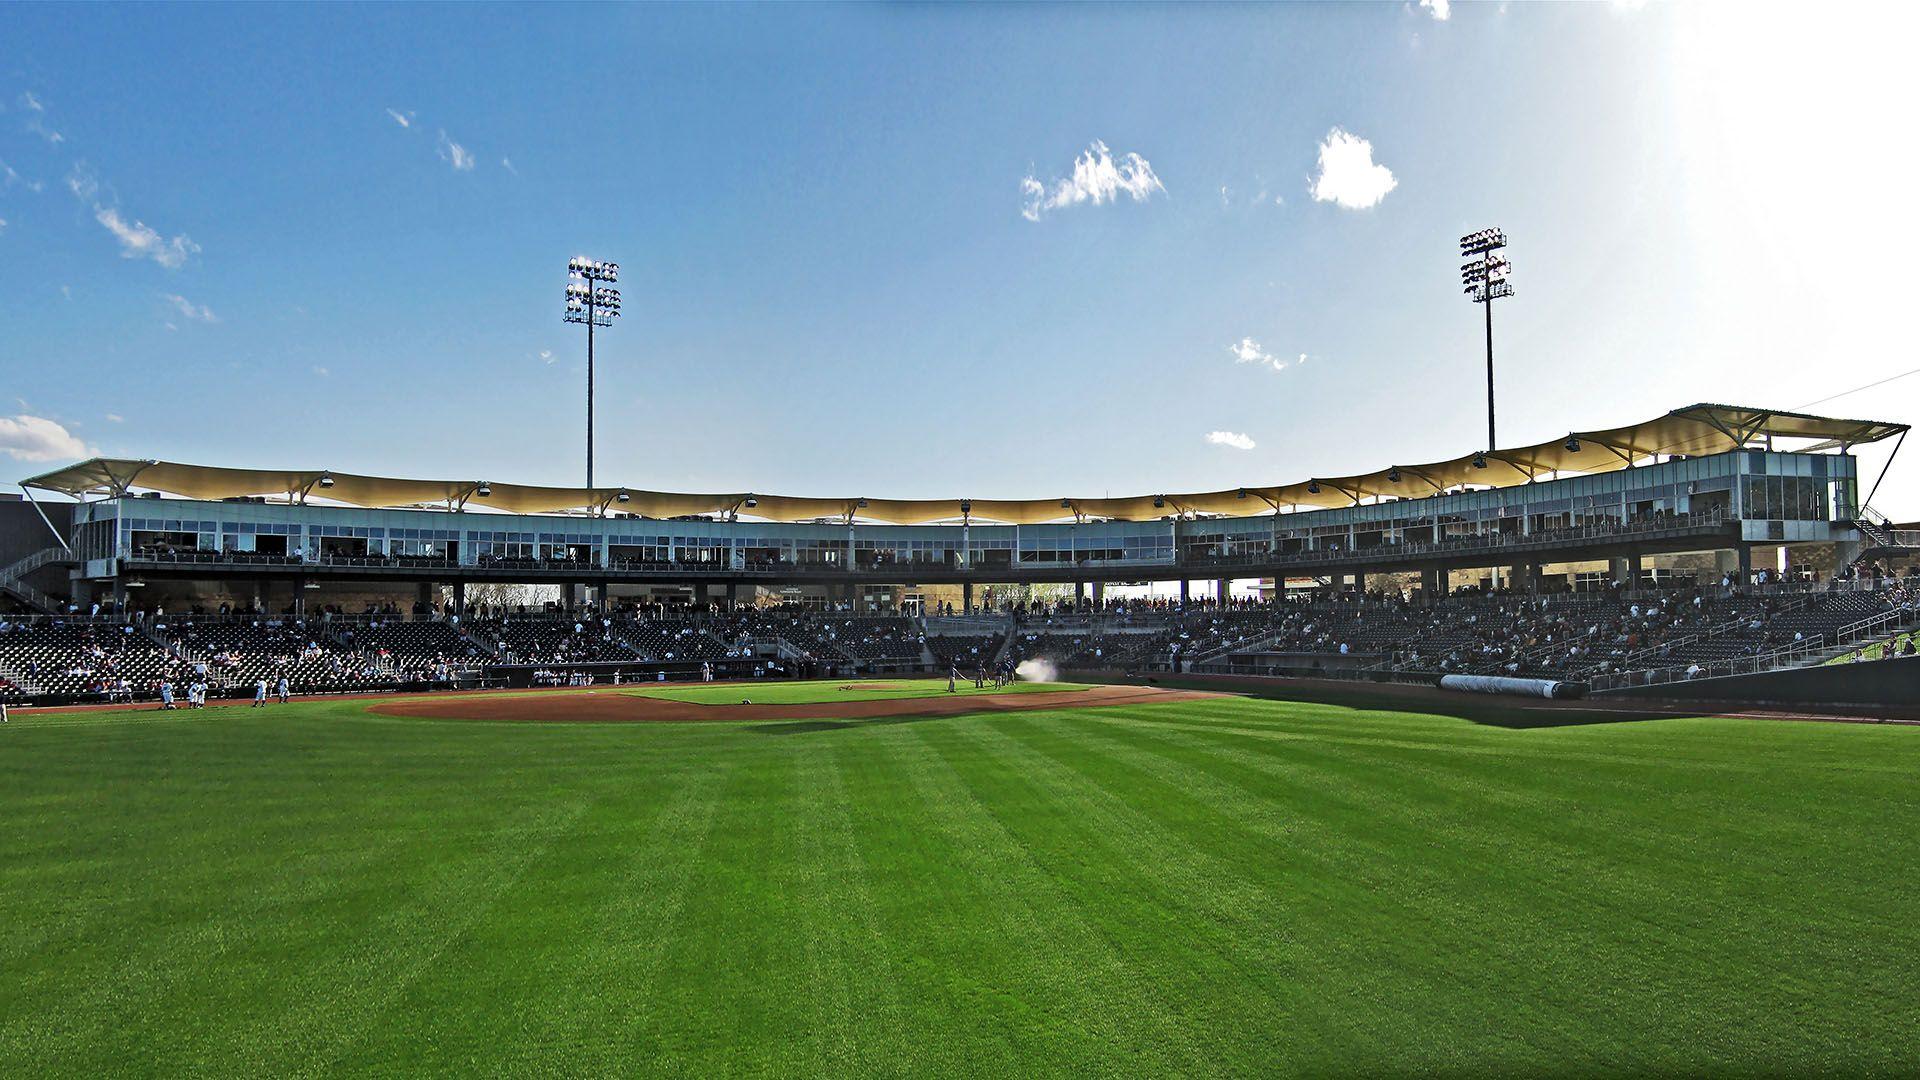 Arvest Ballpark in 2020 Membrane structure, Ballparks